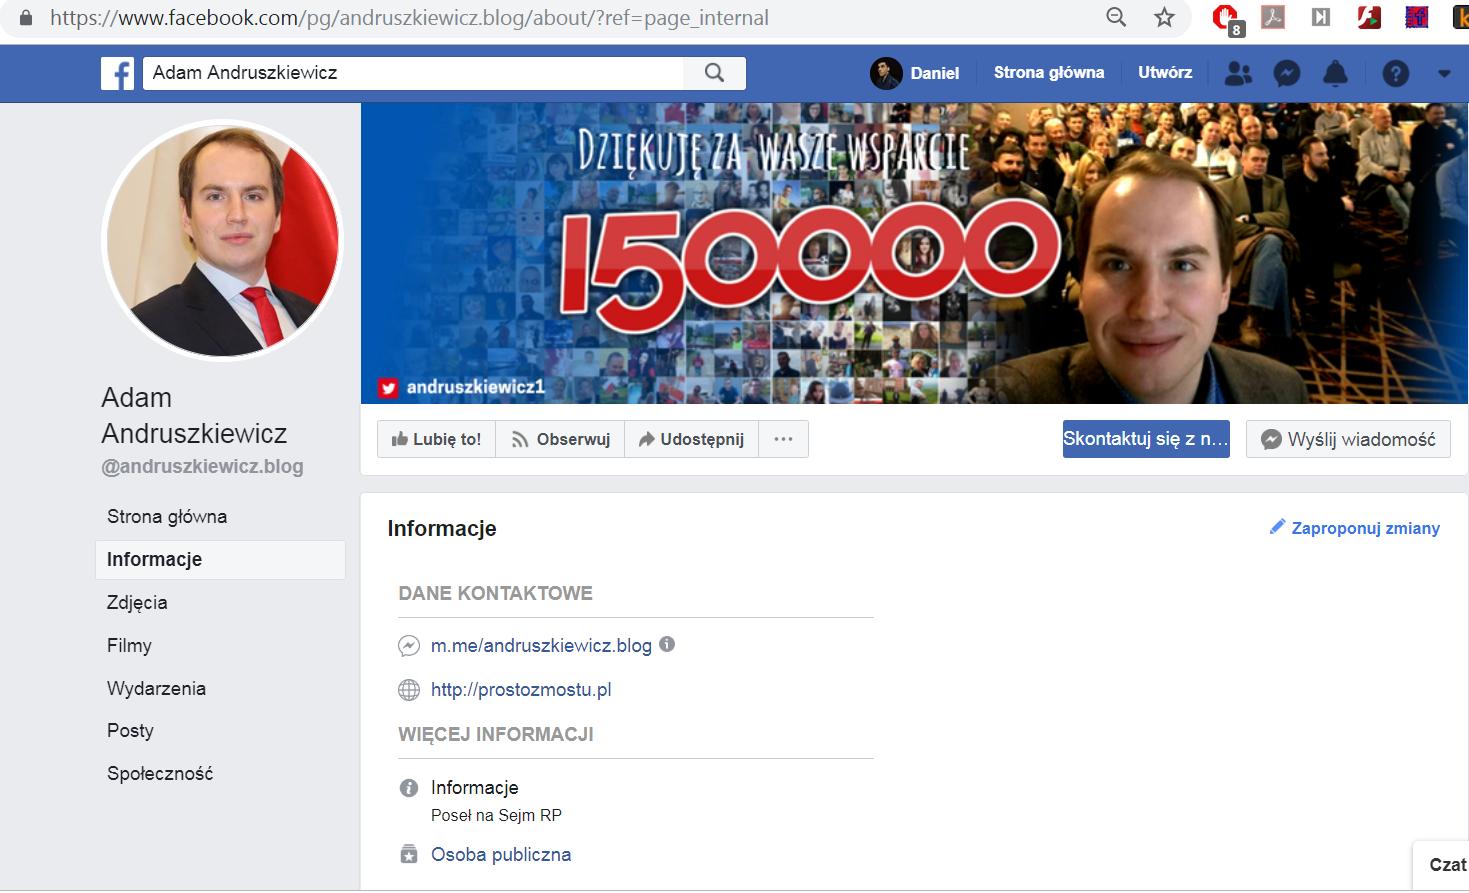 Adam Andruszkiewicz usunął ze swojego fanpejdża link do portalu udostępnianego w siatce FB. Zachowaliśmy jednak zrzut ekranu.